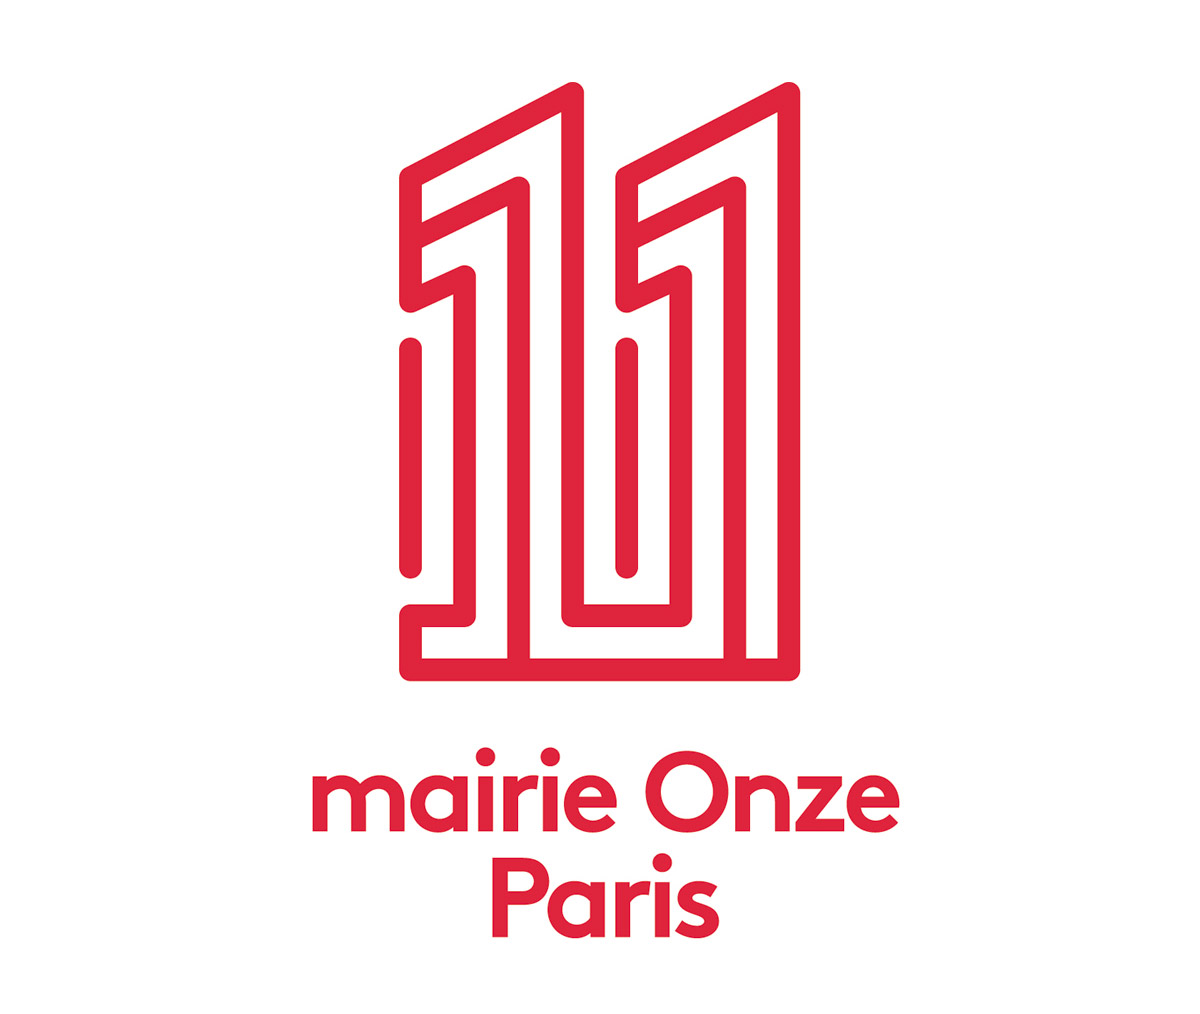 Notre partenaire : la Mairie du 11è arrondissement de Paris